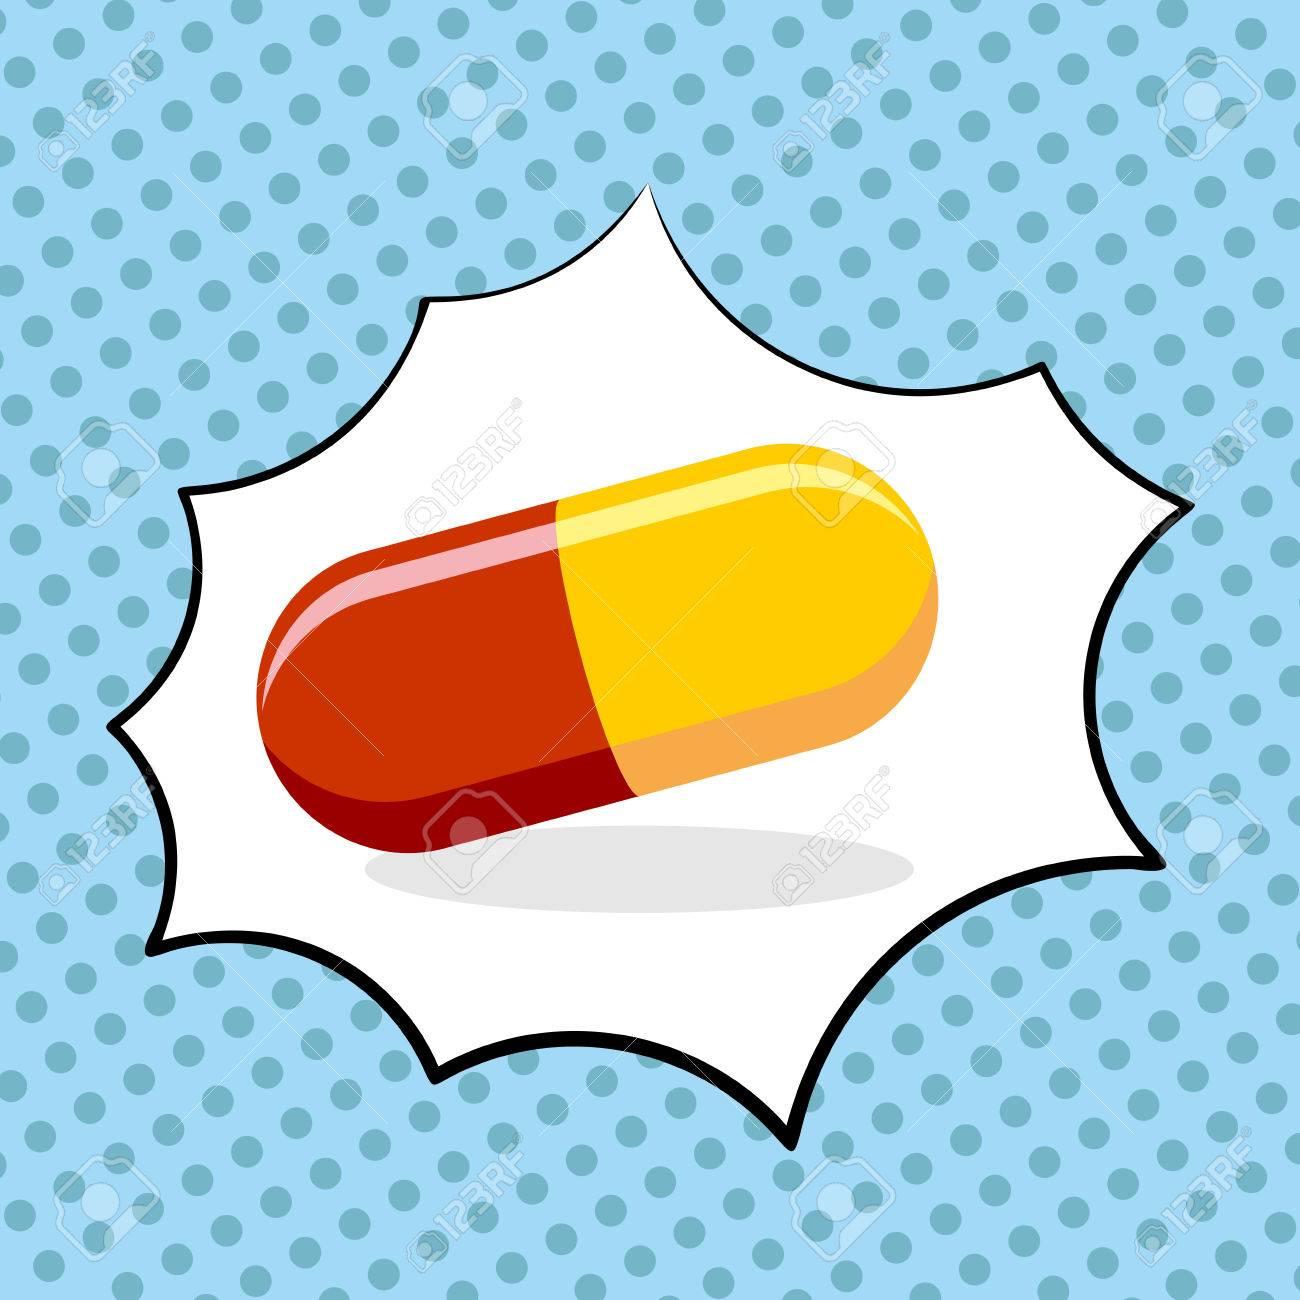 Medicine pill pop art. Medicinal drugs. Vector illustration - 45878729